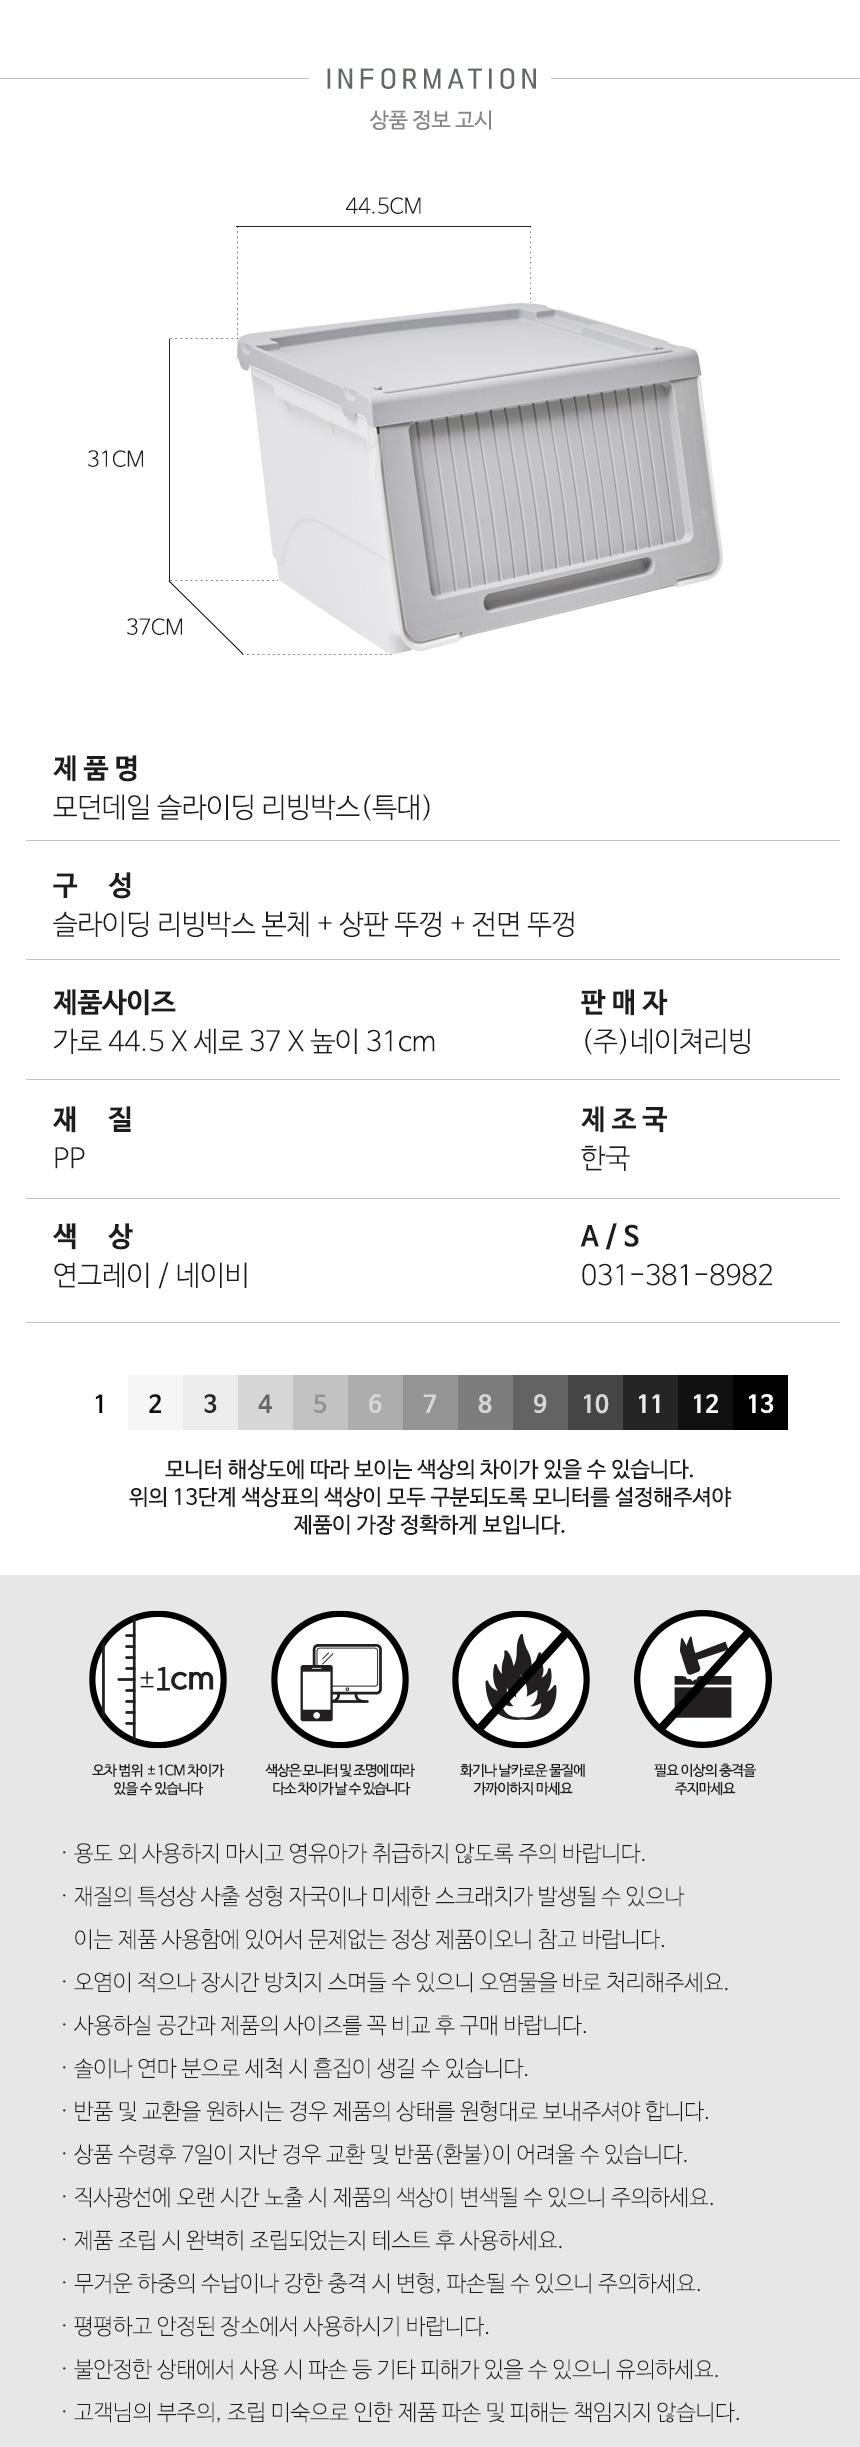 모던데일 슬라이딩 리빙박스 3단(특대) - 더홈, 28,900원, 정리/리빙박스, 플라스틱 리빙박스